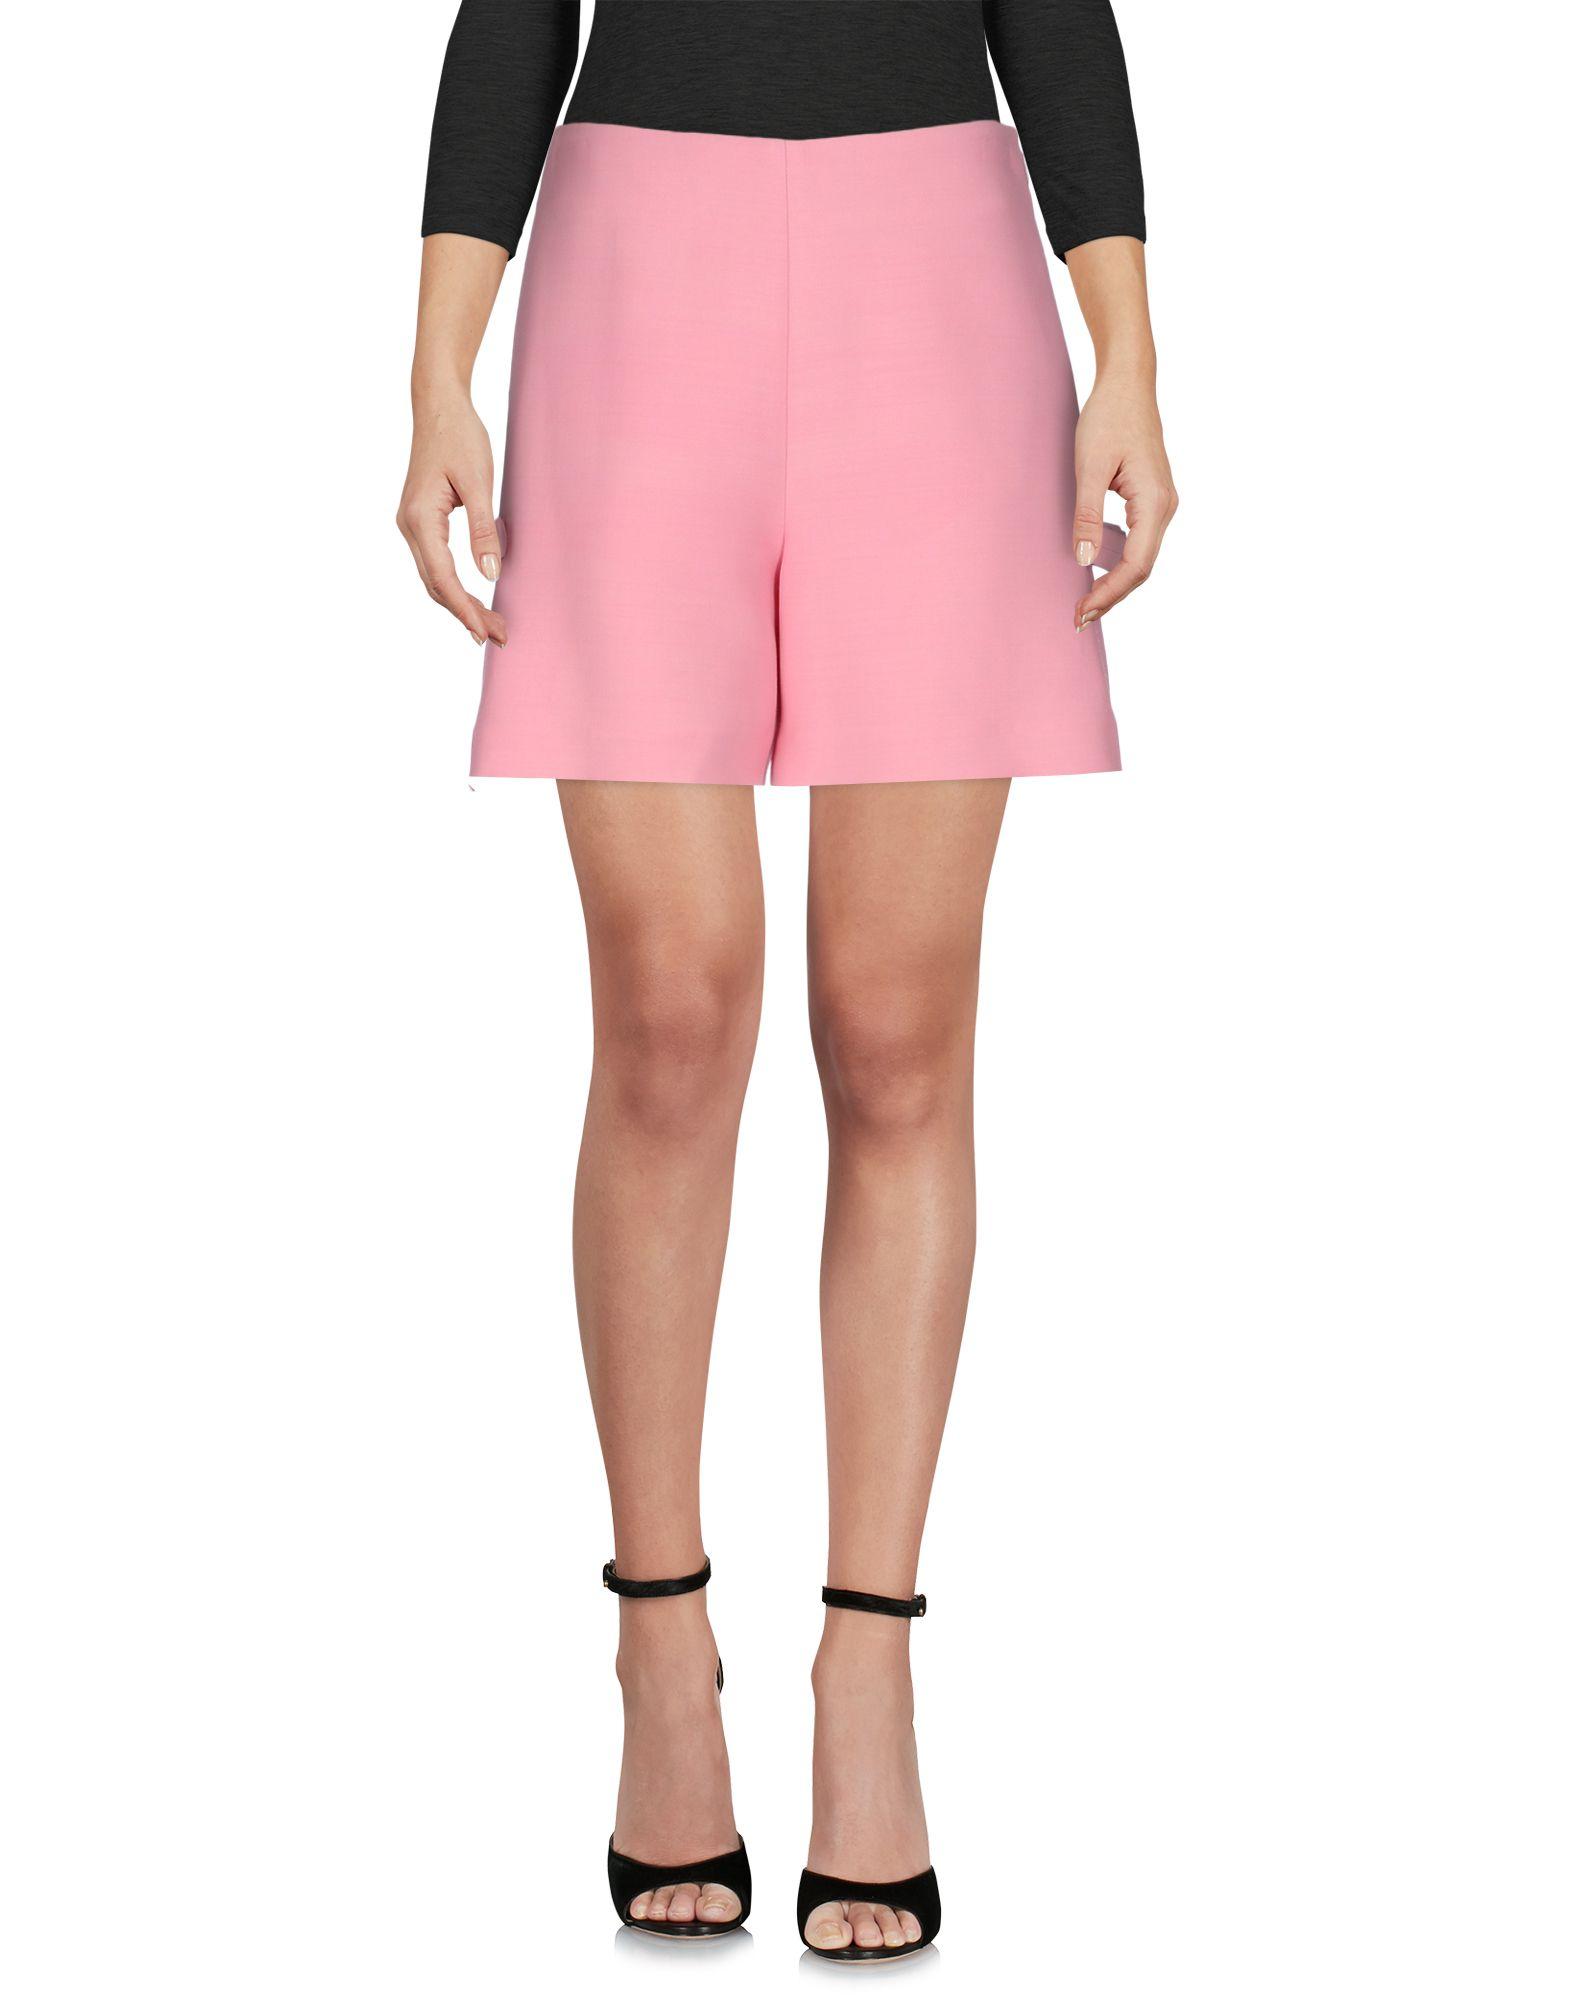 Shorts Fendi Donna - Acquista online su uzsNmwrk1G